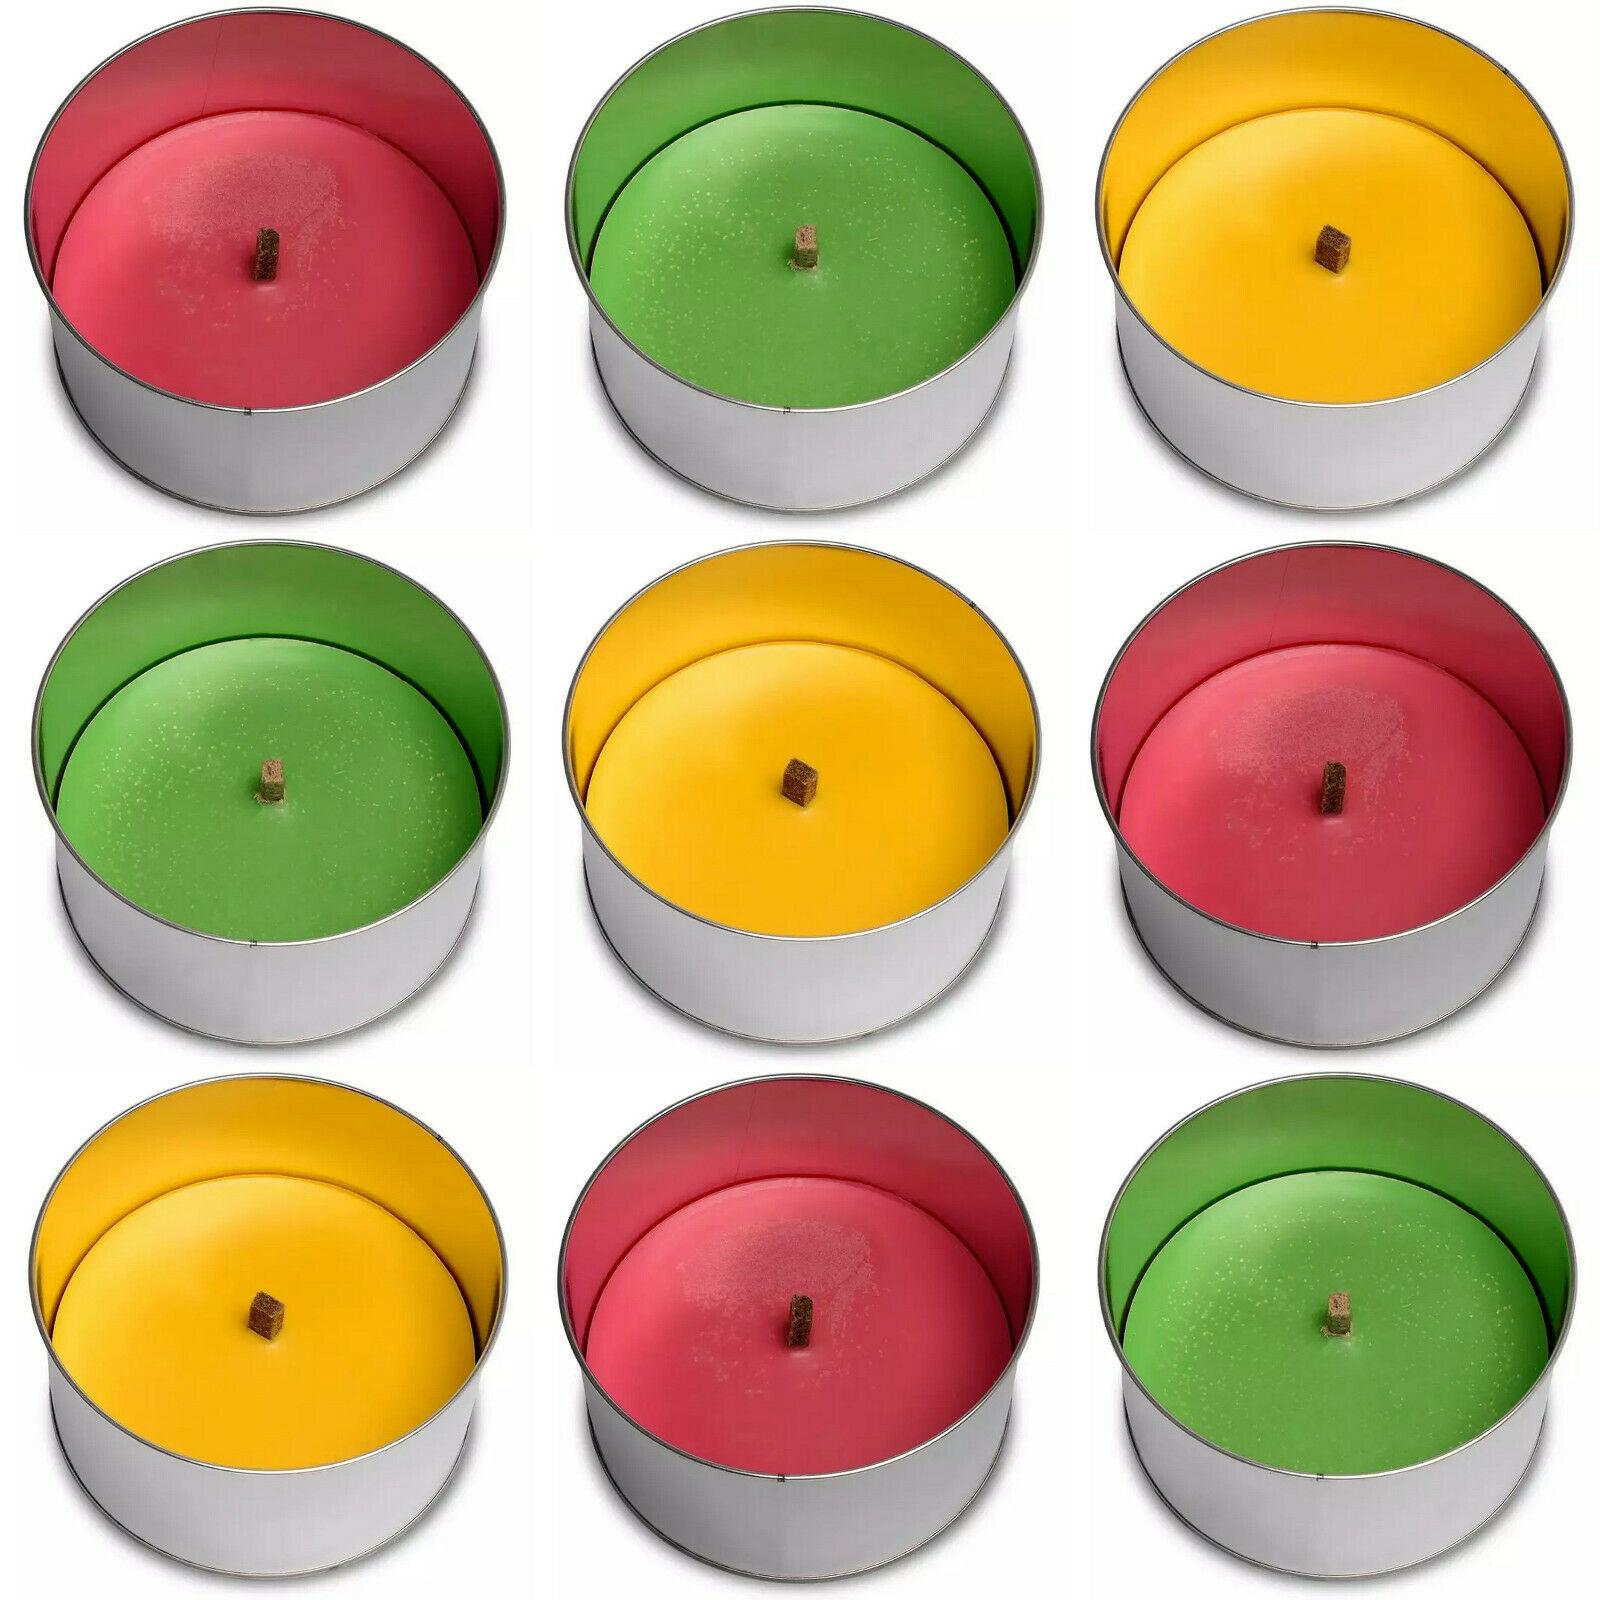 10 x Maxi Flammschalen 158x80 mm Feuerschalen Outdoor Partyfeuer Grün Gelb Pink